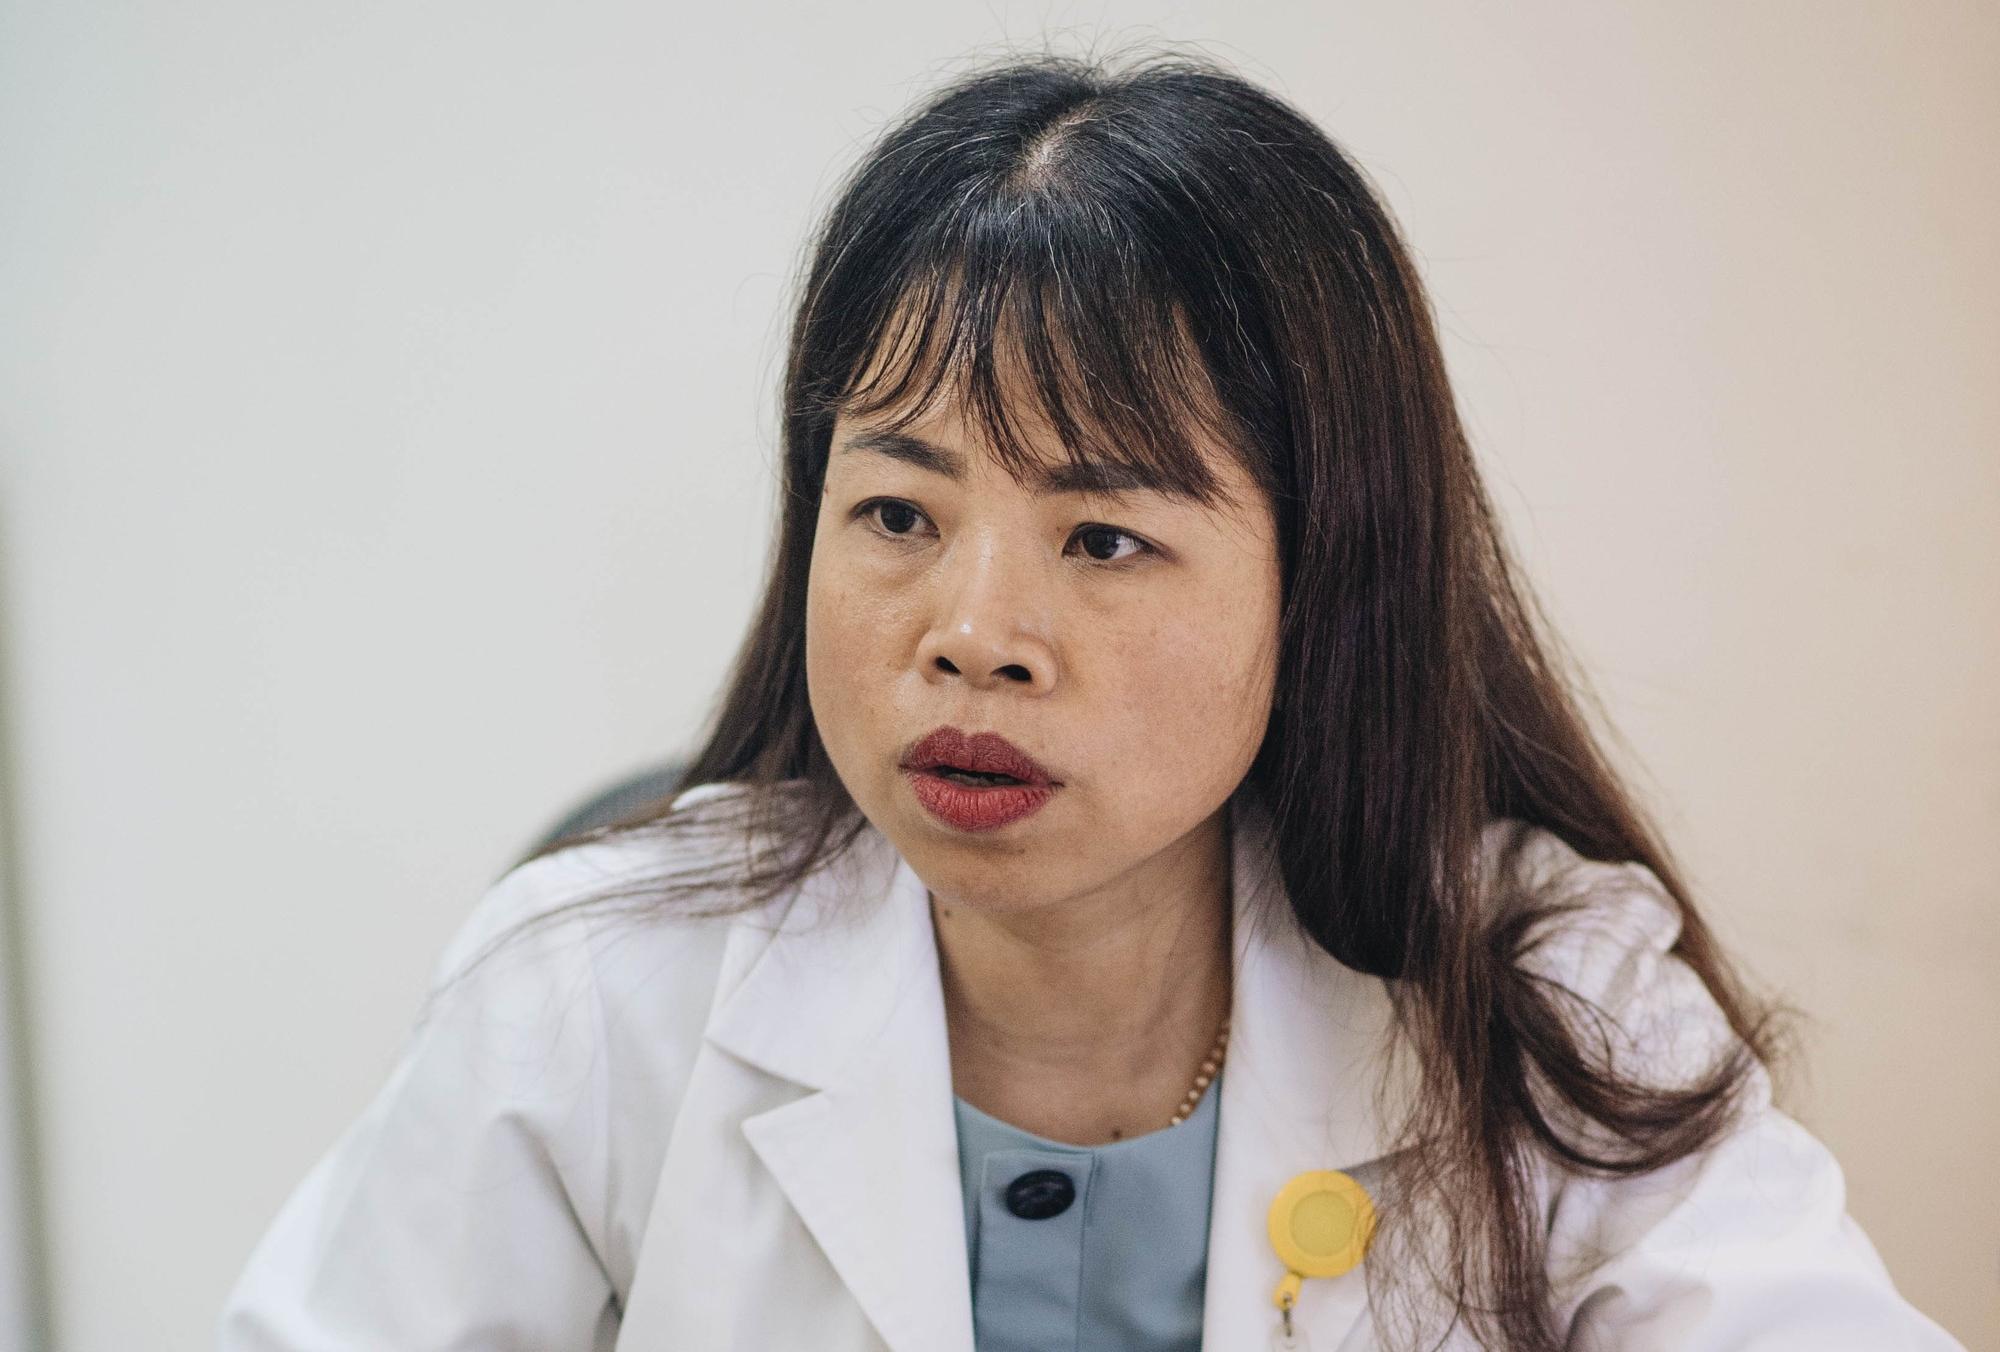 Bác sĩ viện K giải thích tác hại của thức khuya và ăn đồ chiên rán: Có ảnh hưởng sức khỏe, nhưng không trực tiếp gây ung thư gan 2